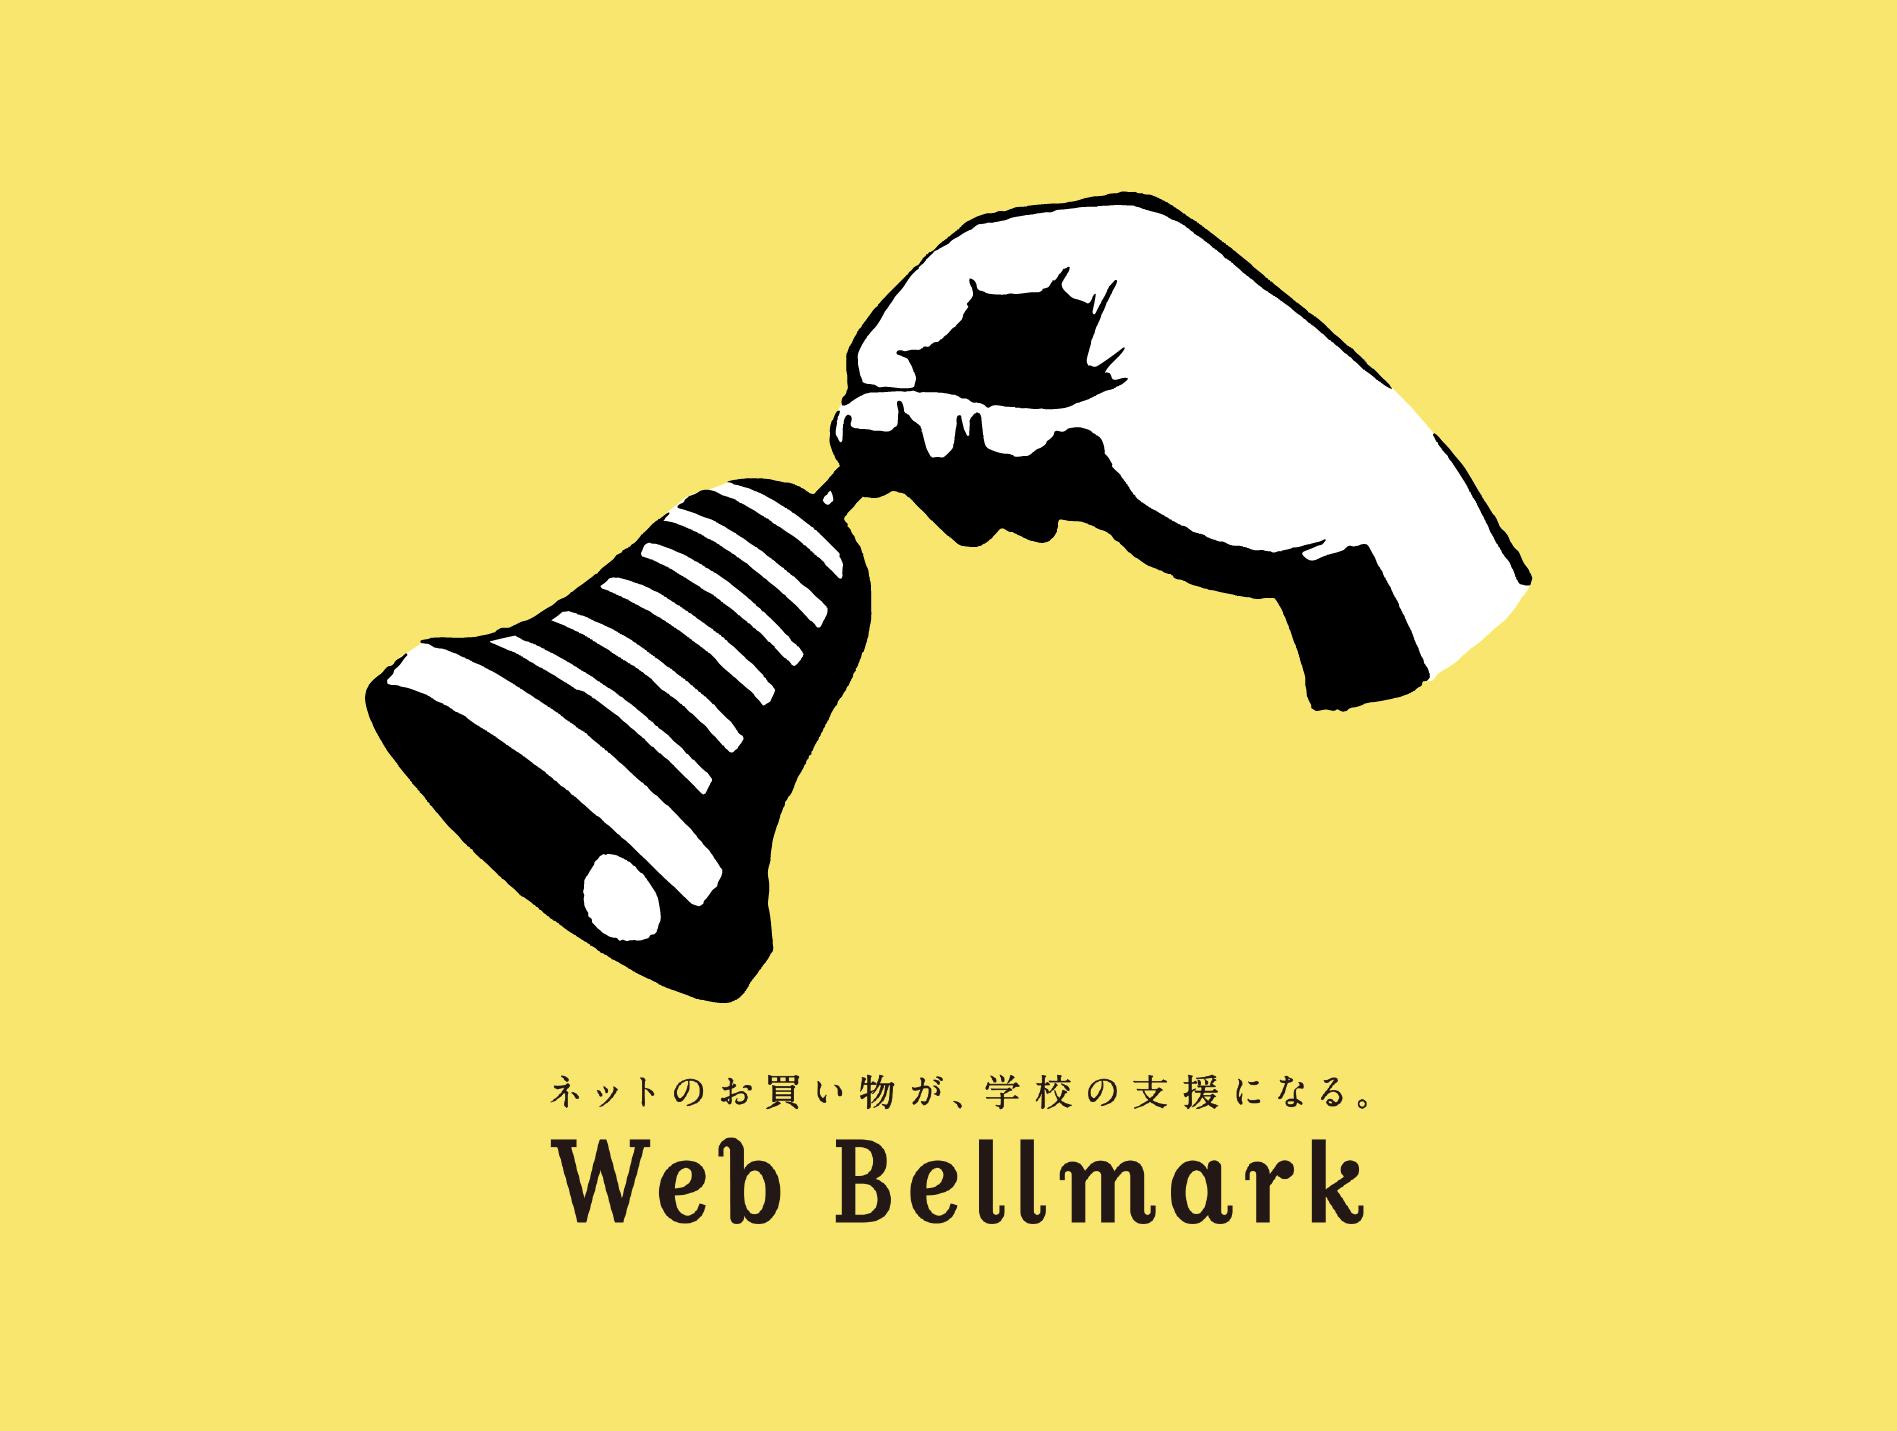 「ウェブベルマーク」とは?新しいベルマーク運動について考えてみる